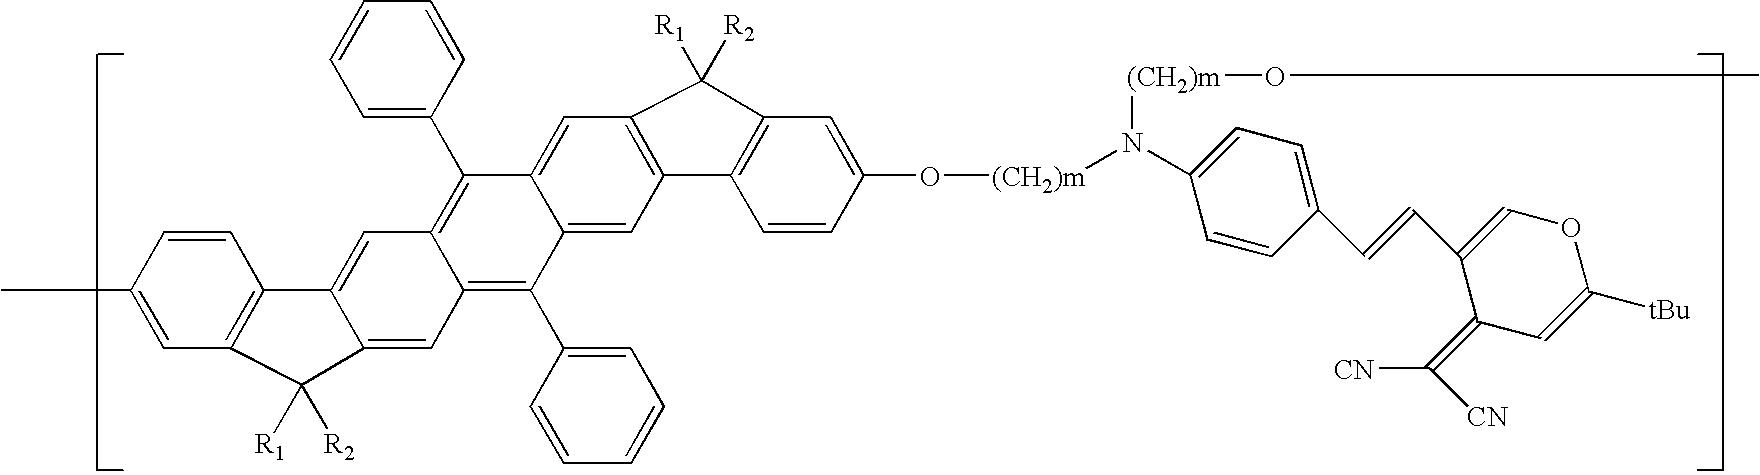 Figure US06849348-20050201-C00064